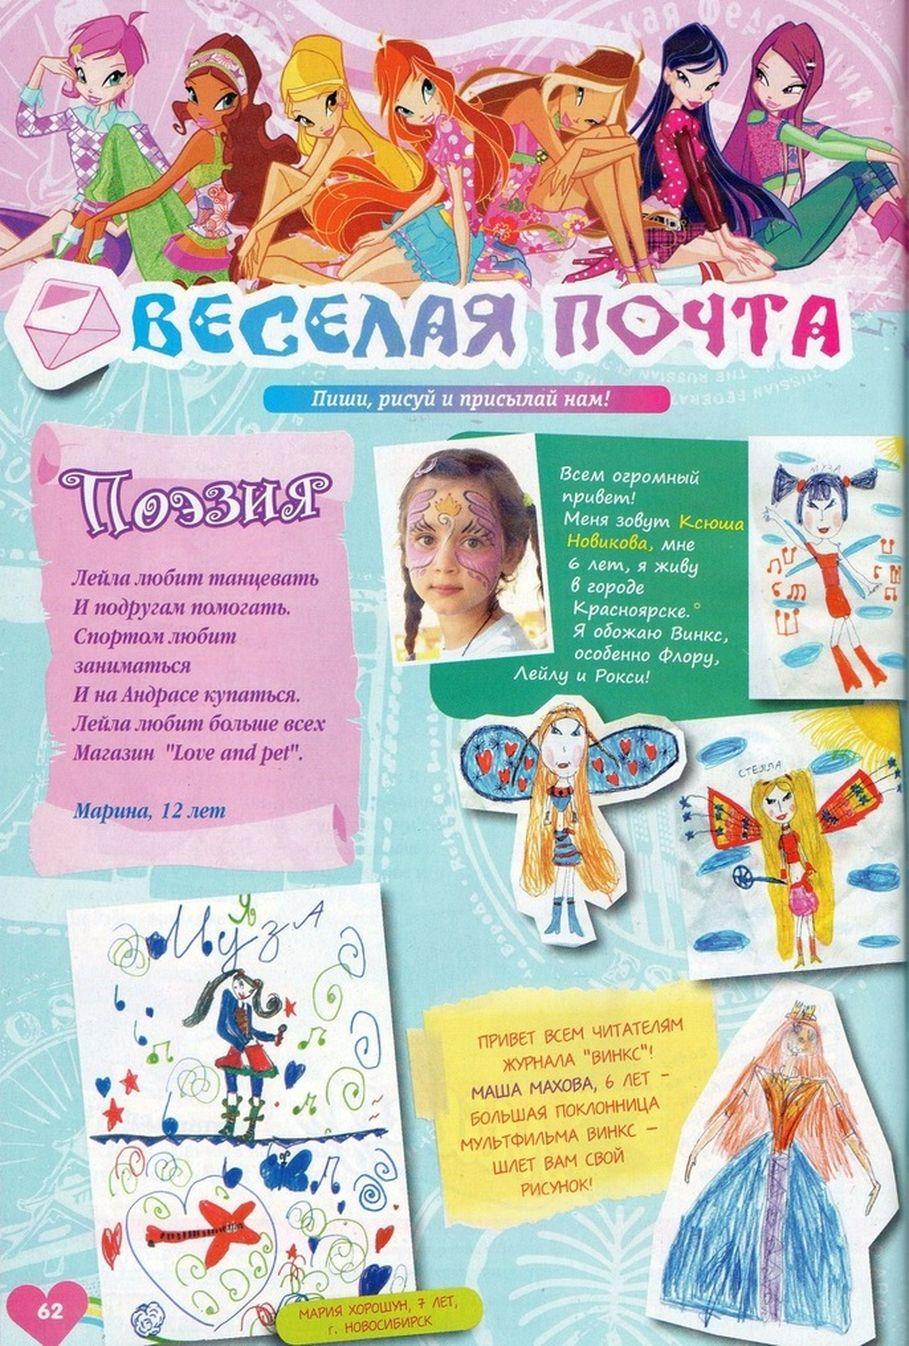 Комикс Винкс Winx - Каменные великаны (Журнал Винкс №11 2011) - стр. 58